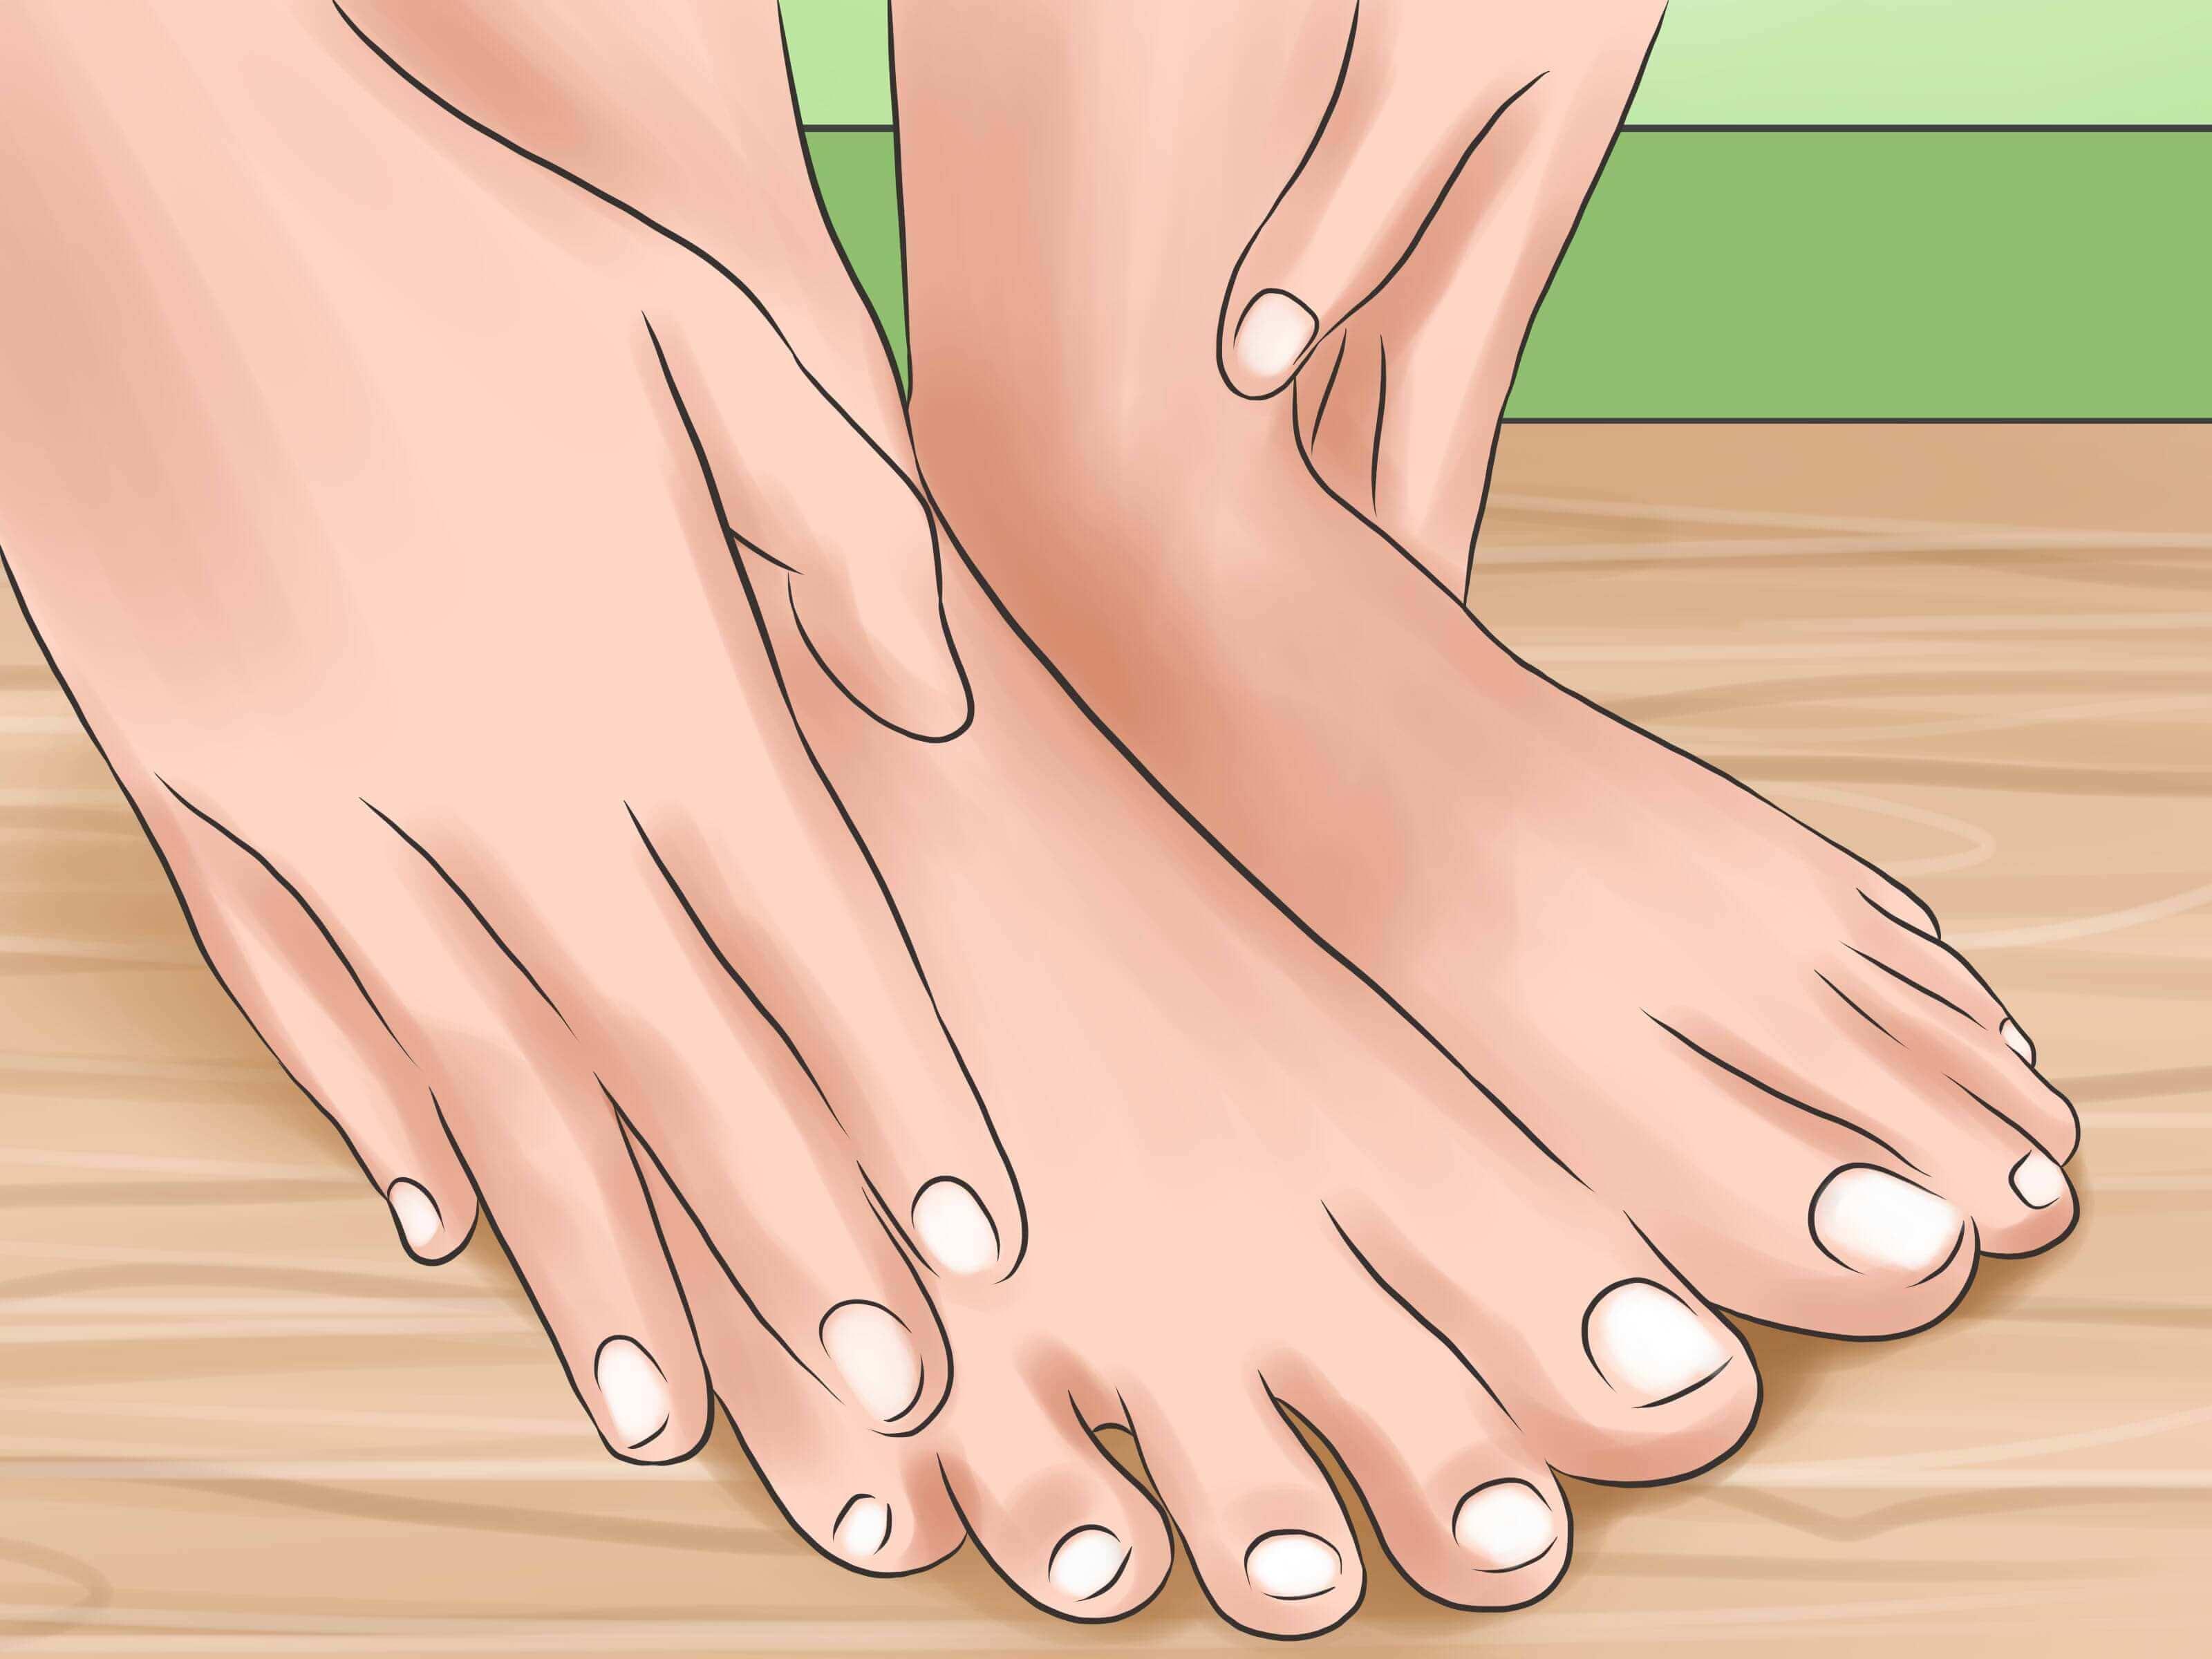 Ayaklarınızın Her Zaman Kusursuz Görünsün Diye 6 İpucu